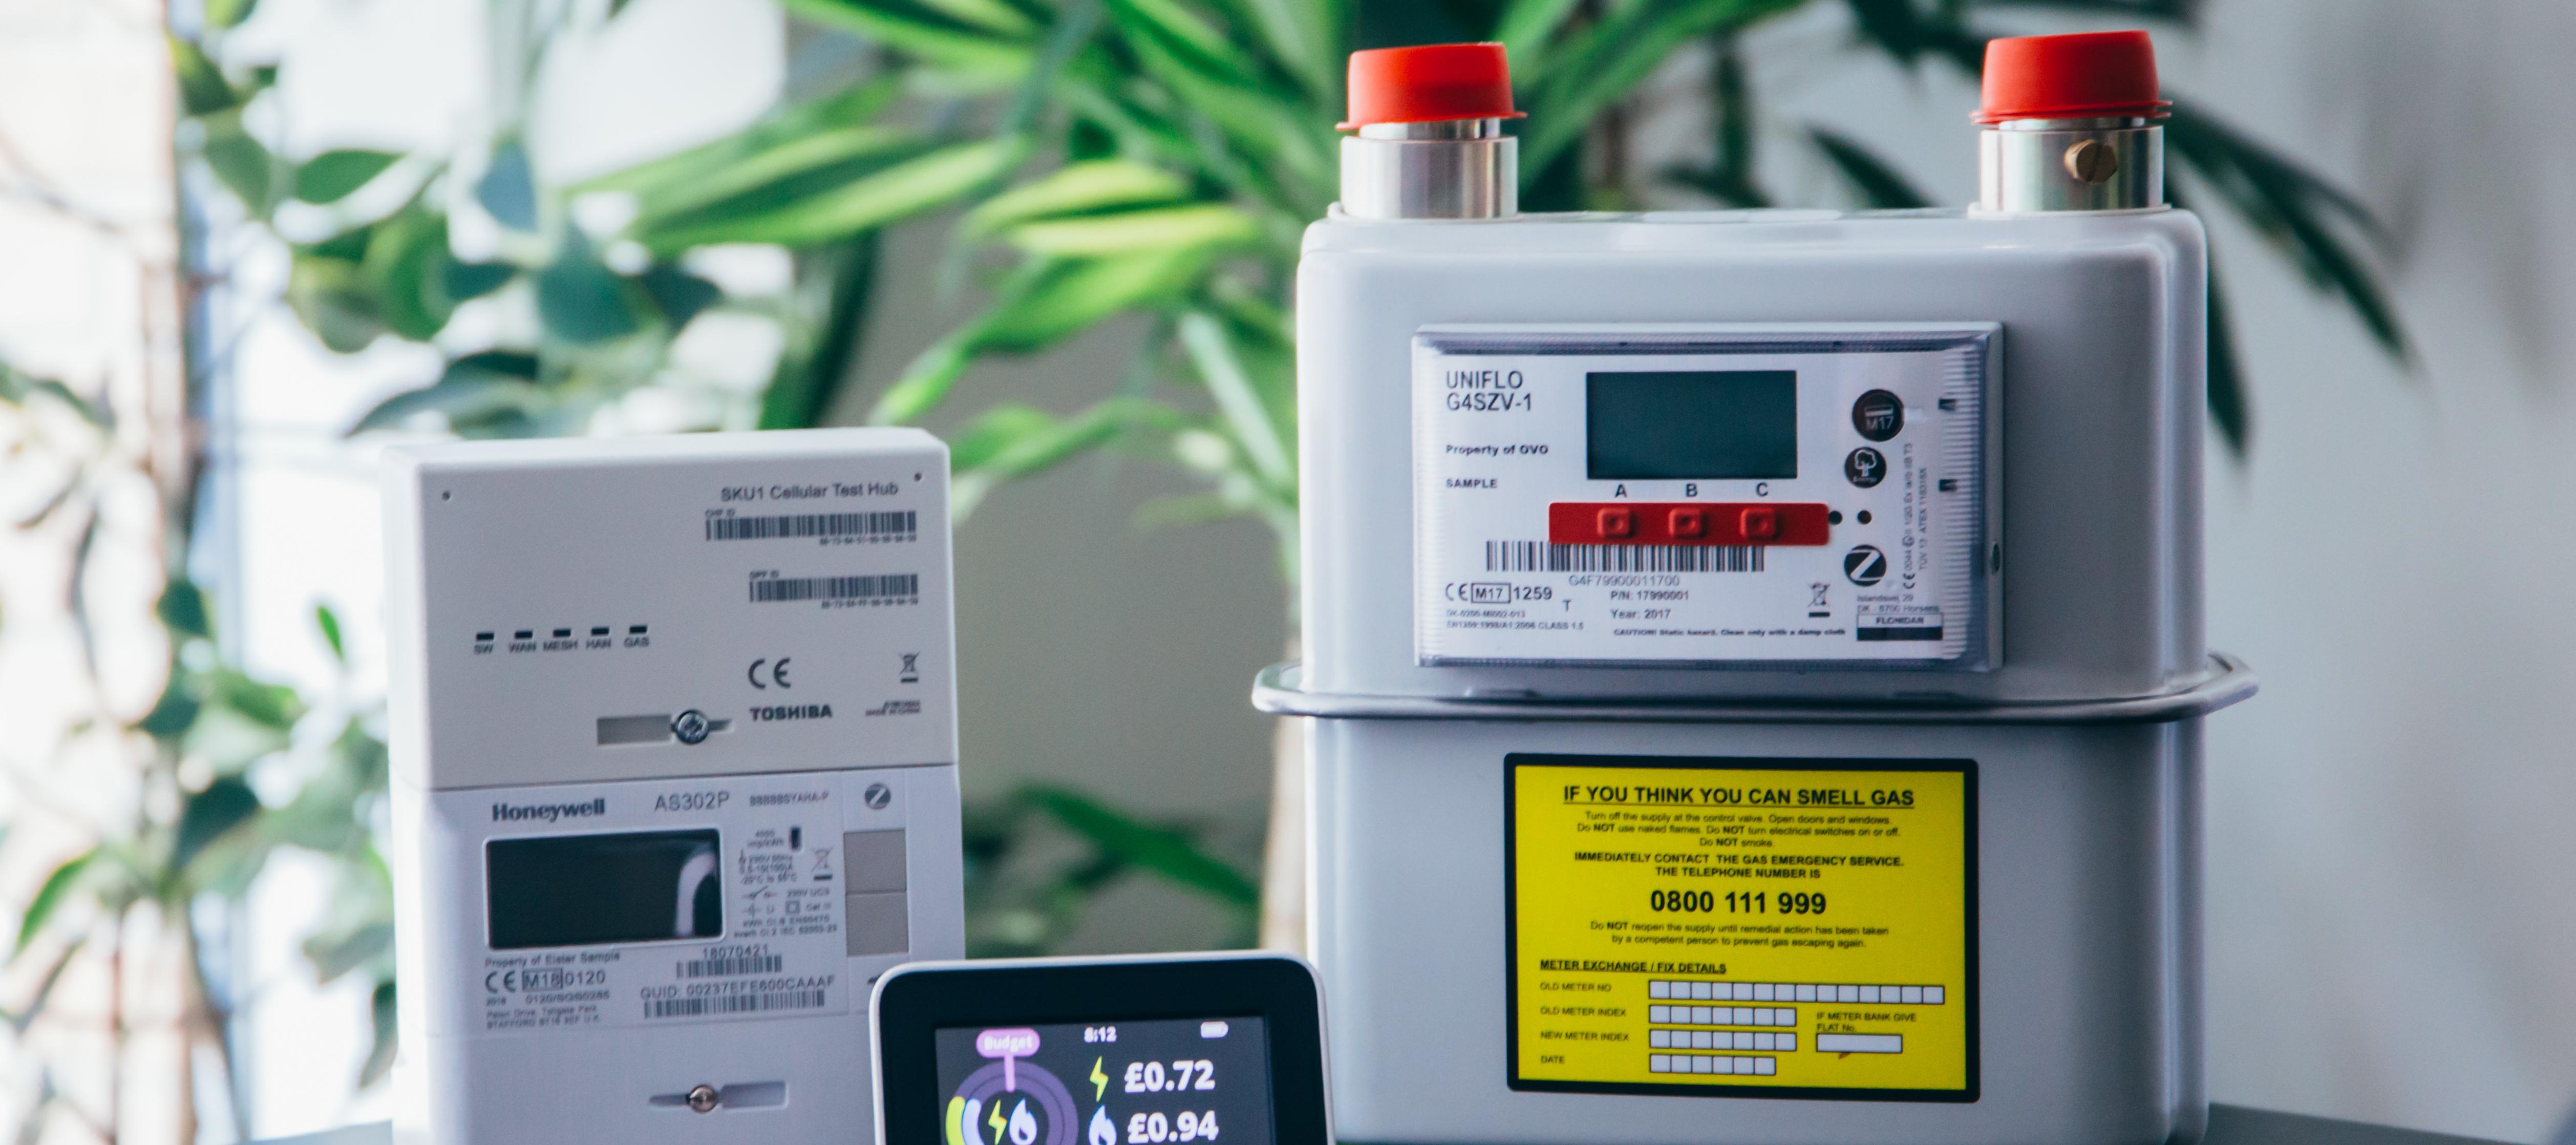 Update on smart meter installations and Coronavirus